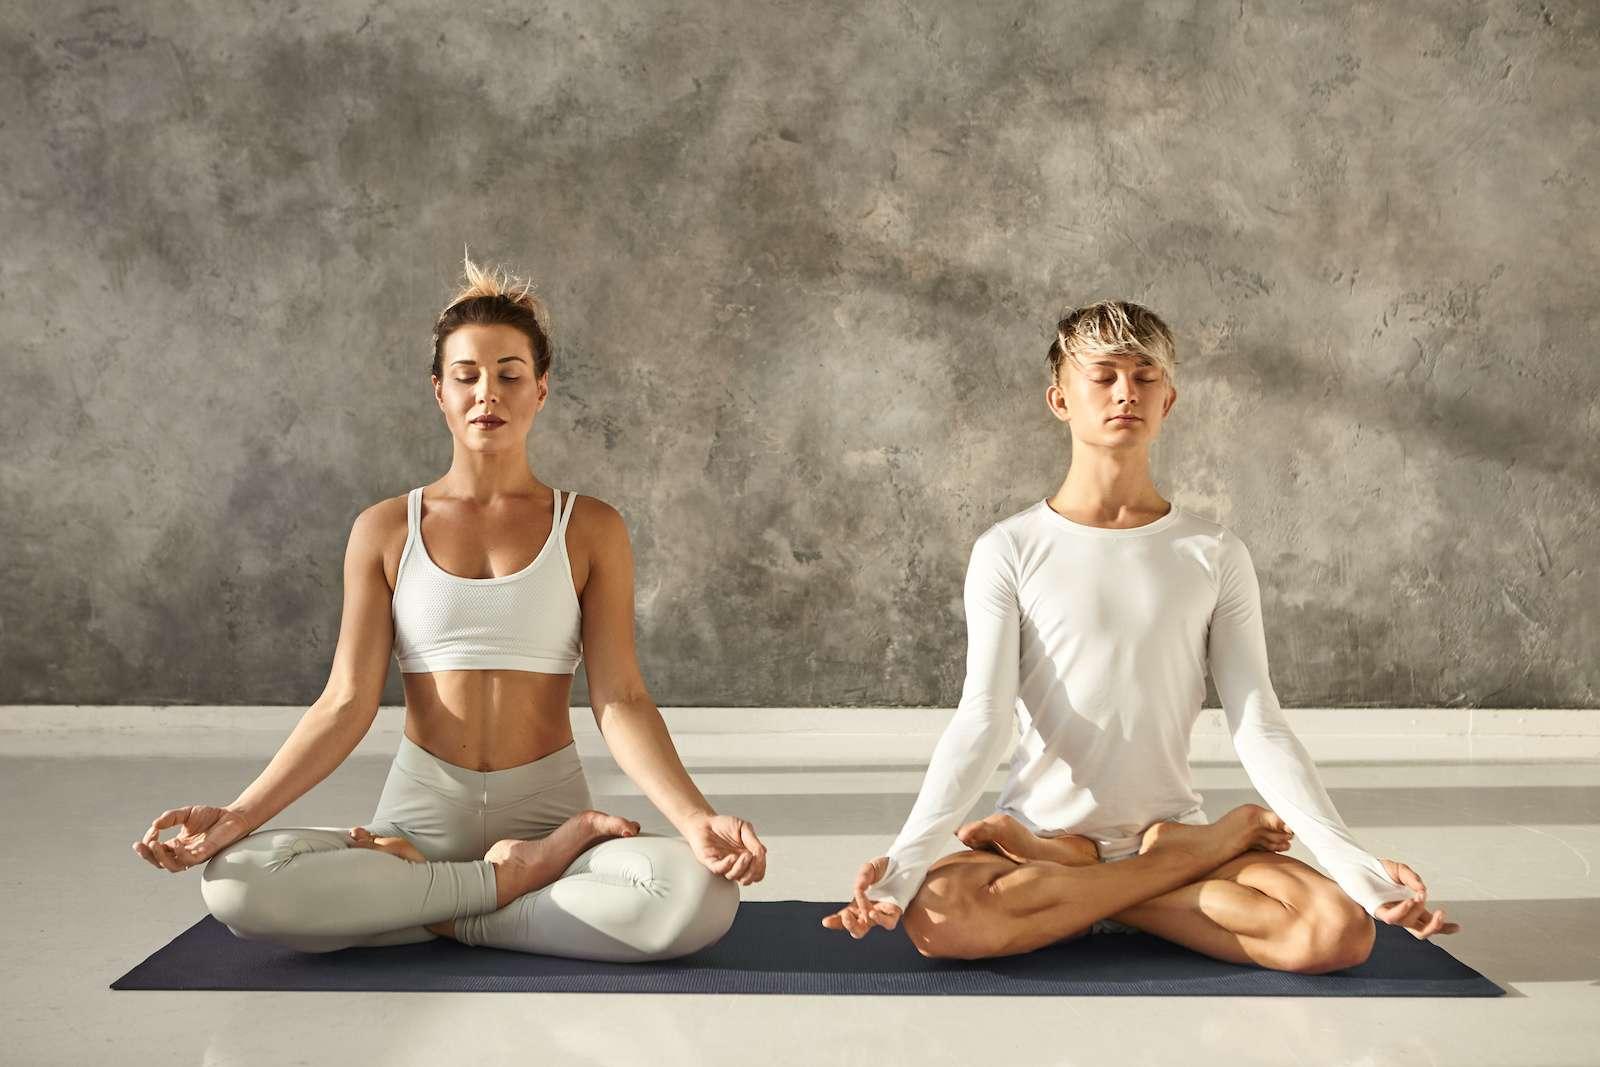 Energy-Boosting Surya Kriya to Perk You Up